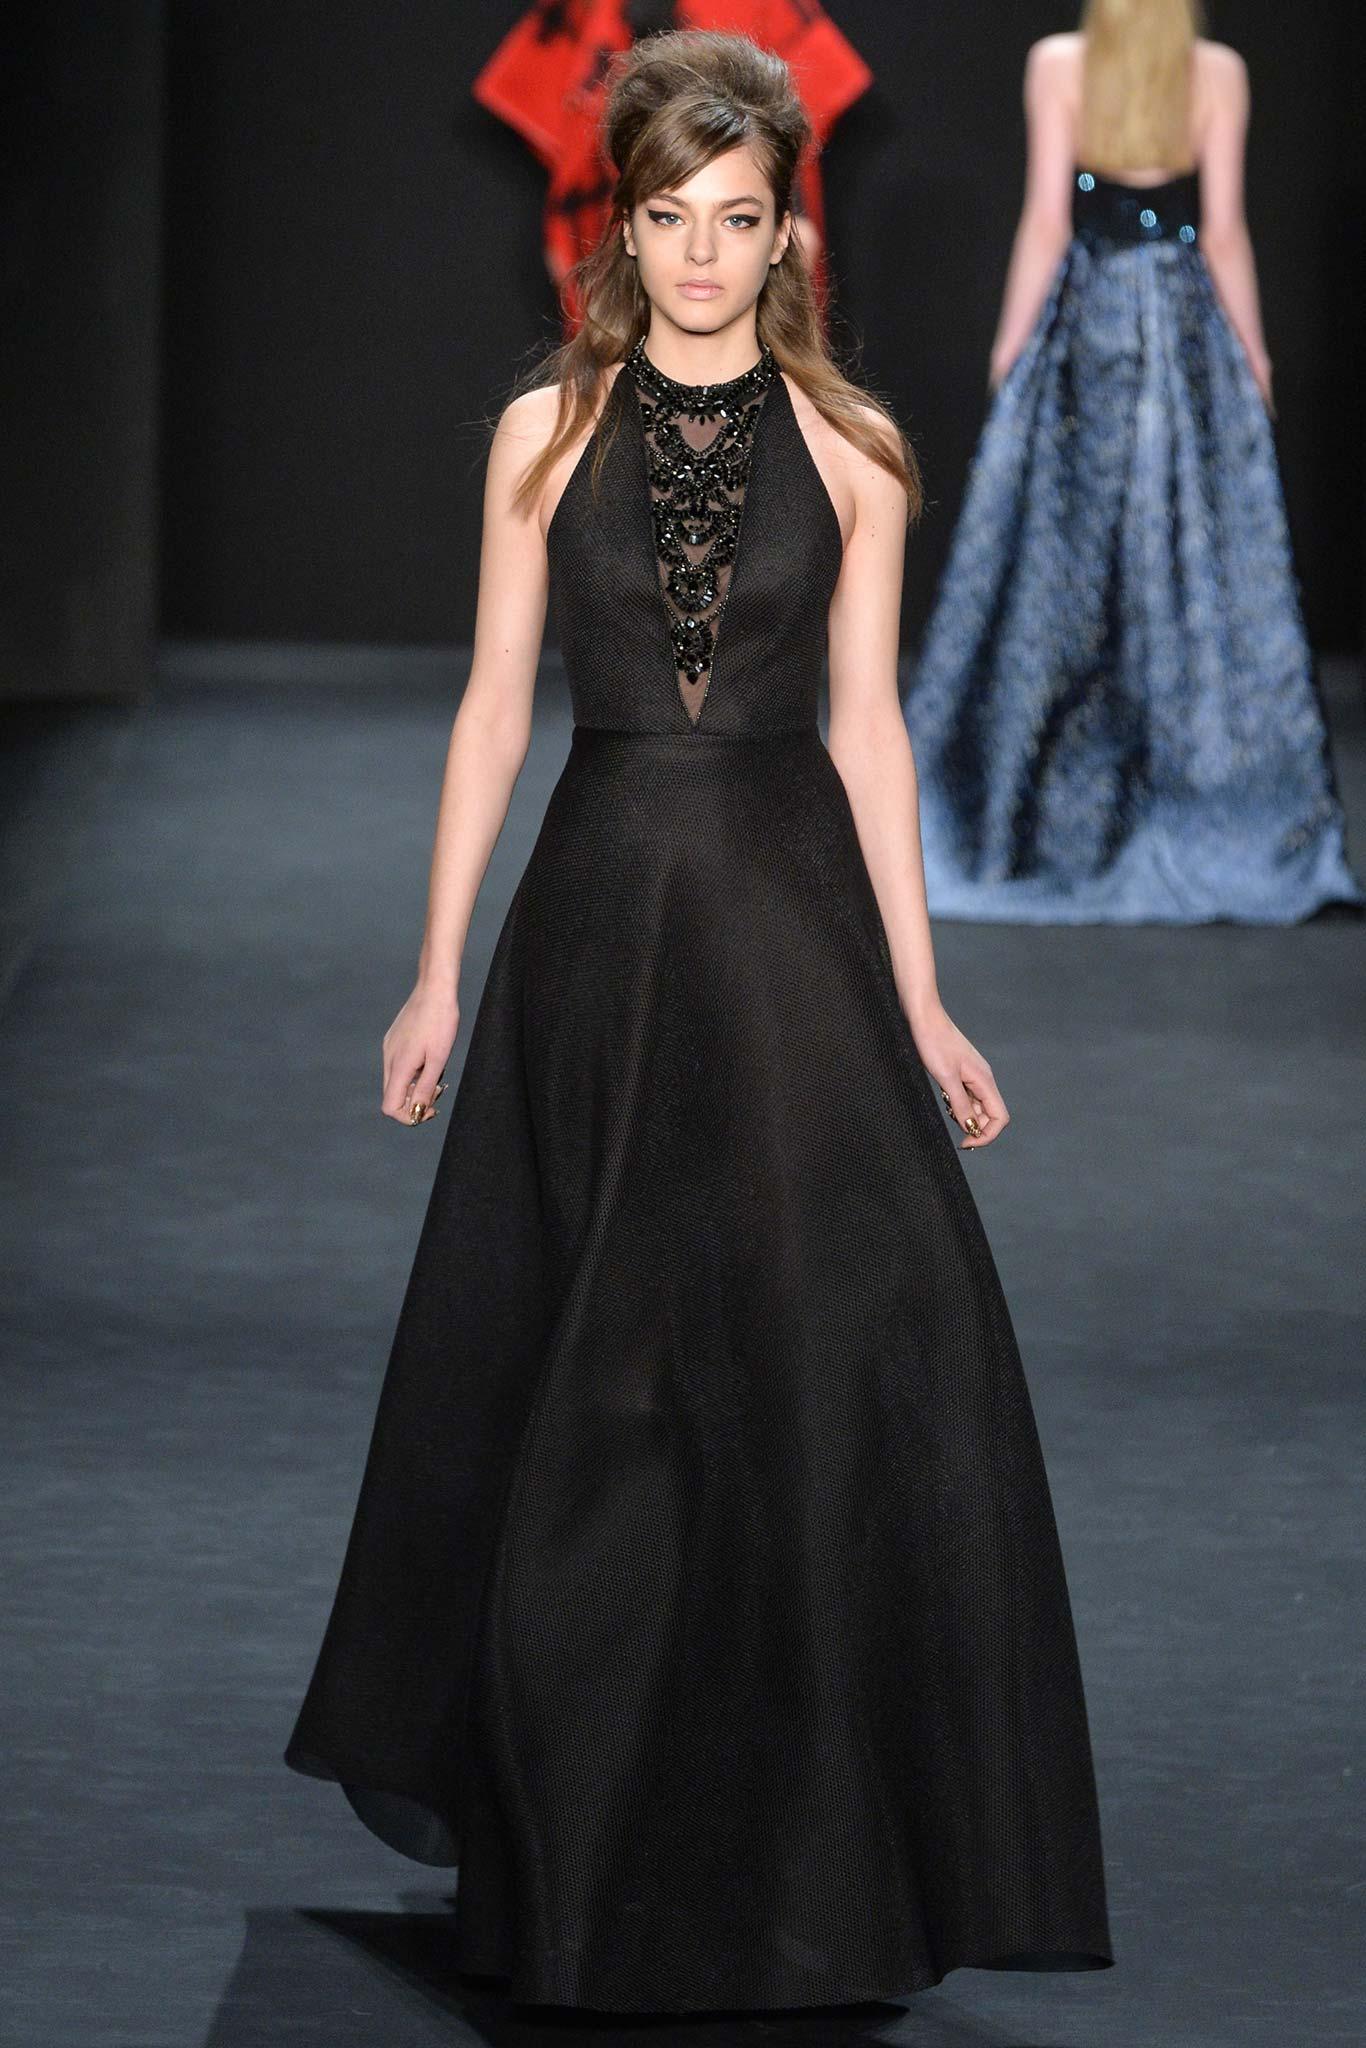 Вечерние платья - в интернет-магазине Модная мода